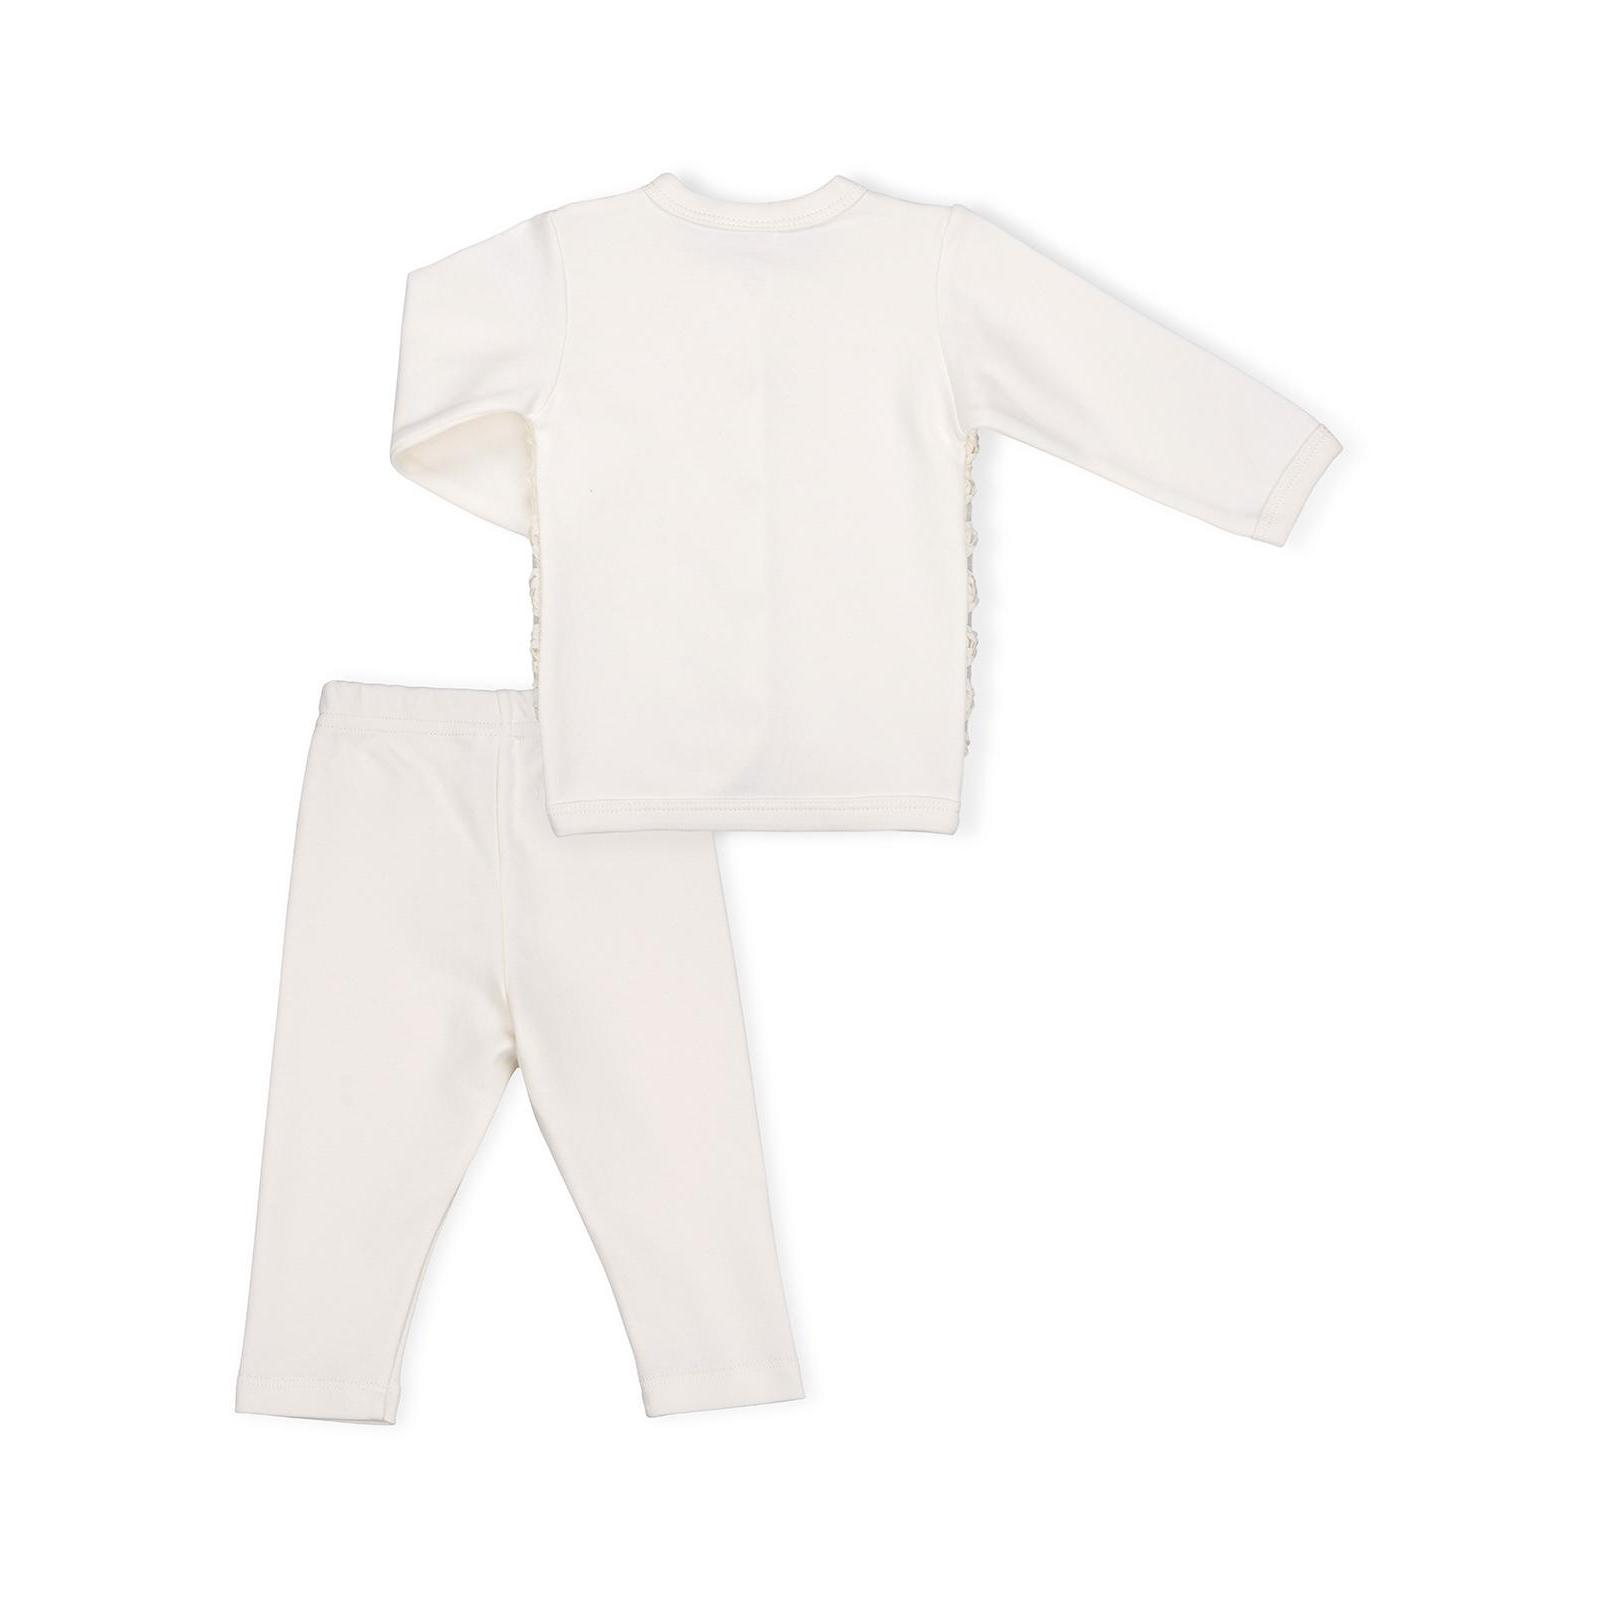 Набор детской одежды Интеркидс с розочками (2363-68G-beige) изображение 4